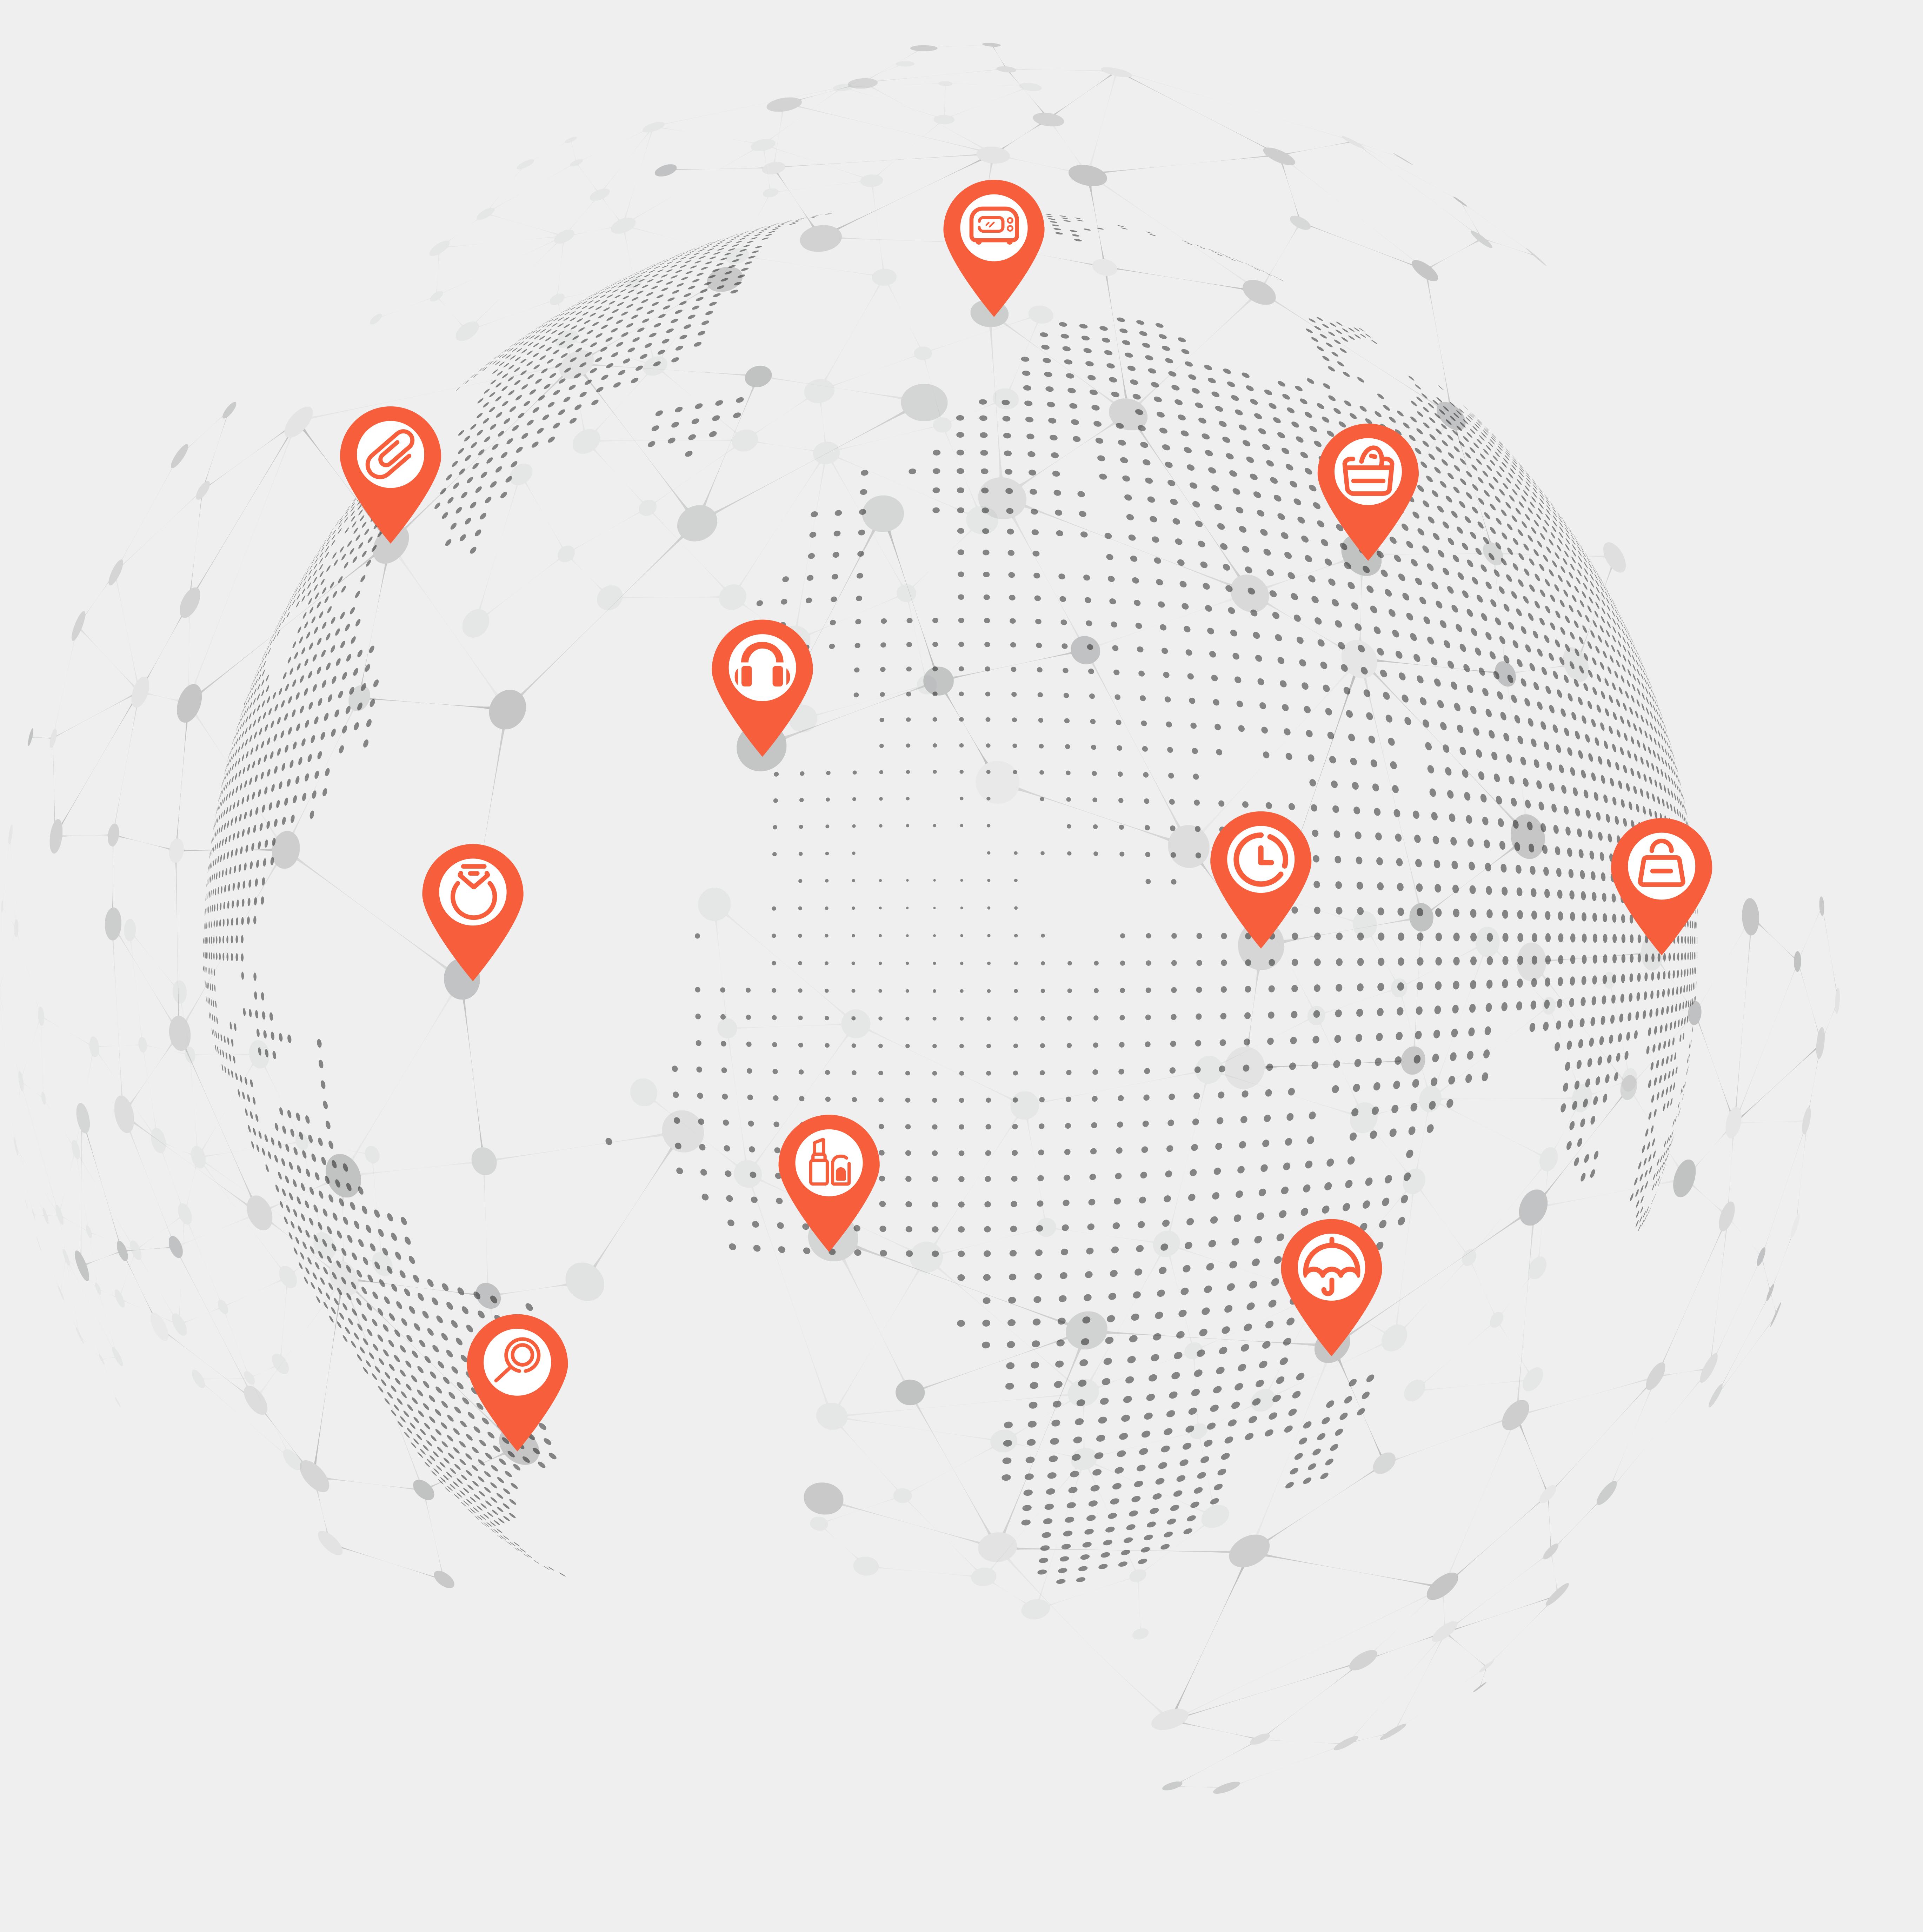 全球供应链